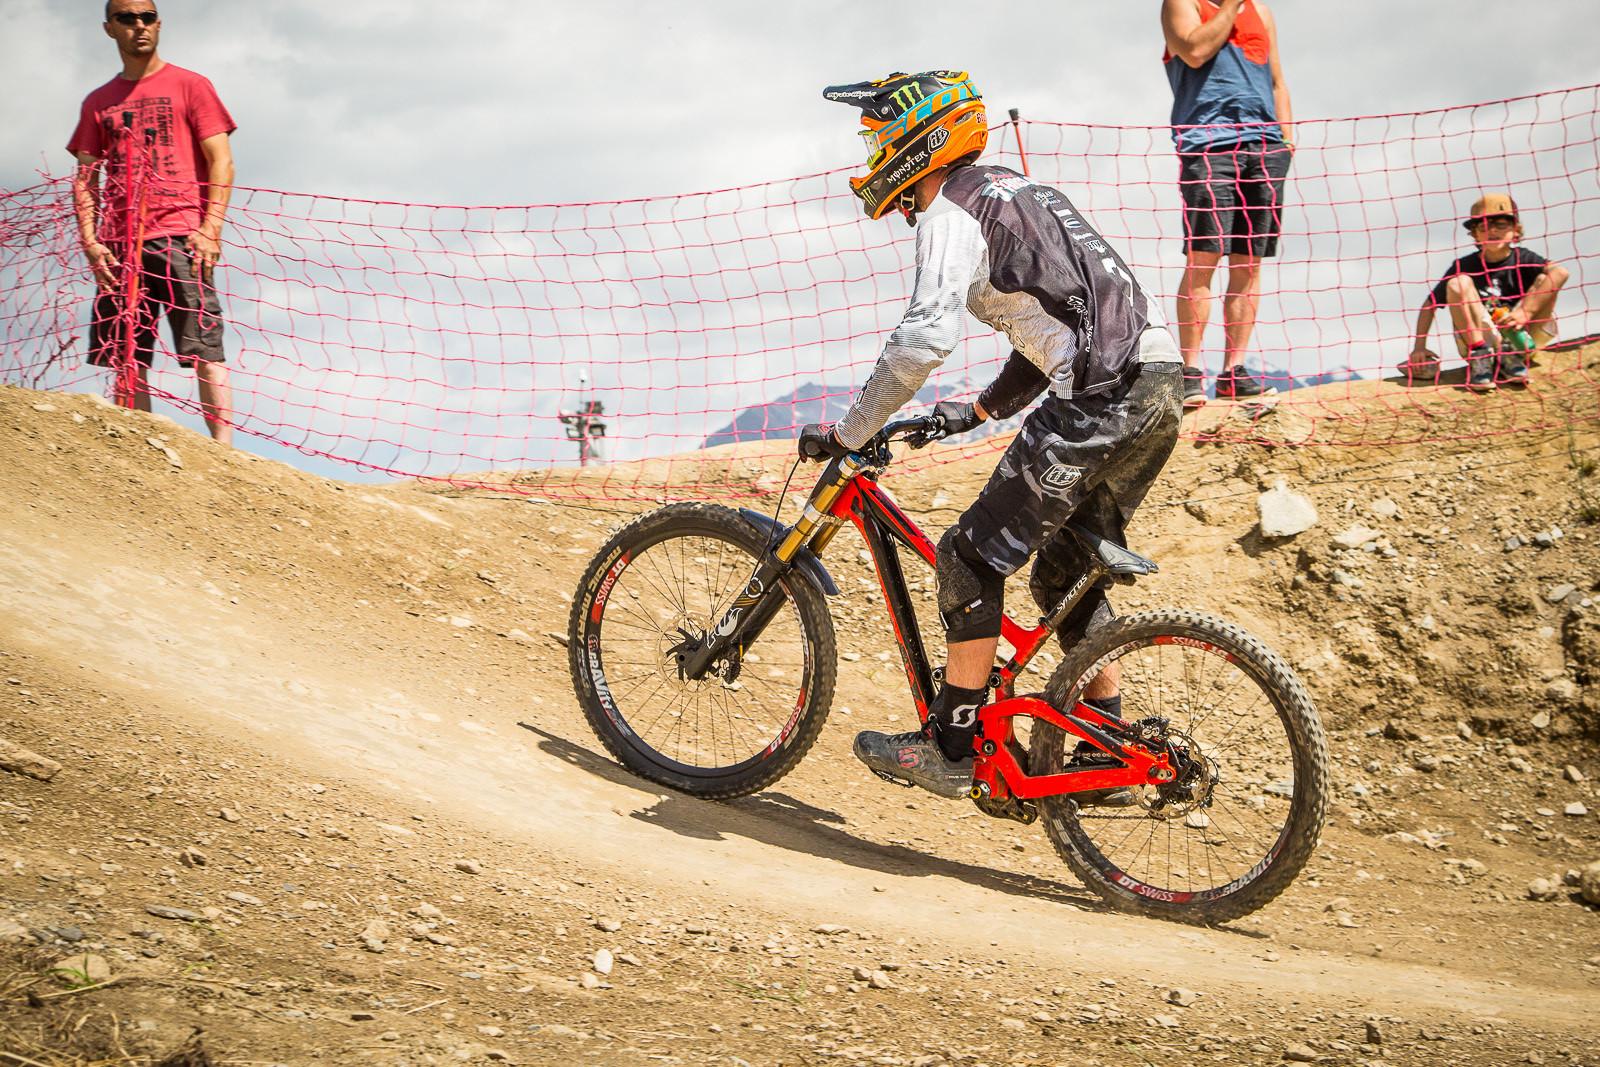 Brendan Fairclough, Scott Gambler G-Out - G-Out Project: Crankworx L2A Air DH - Mountain Biking Pictures - Vital MTB